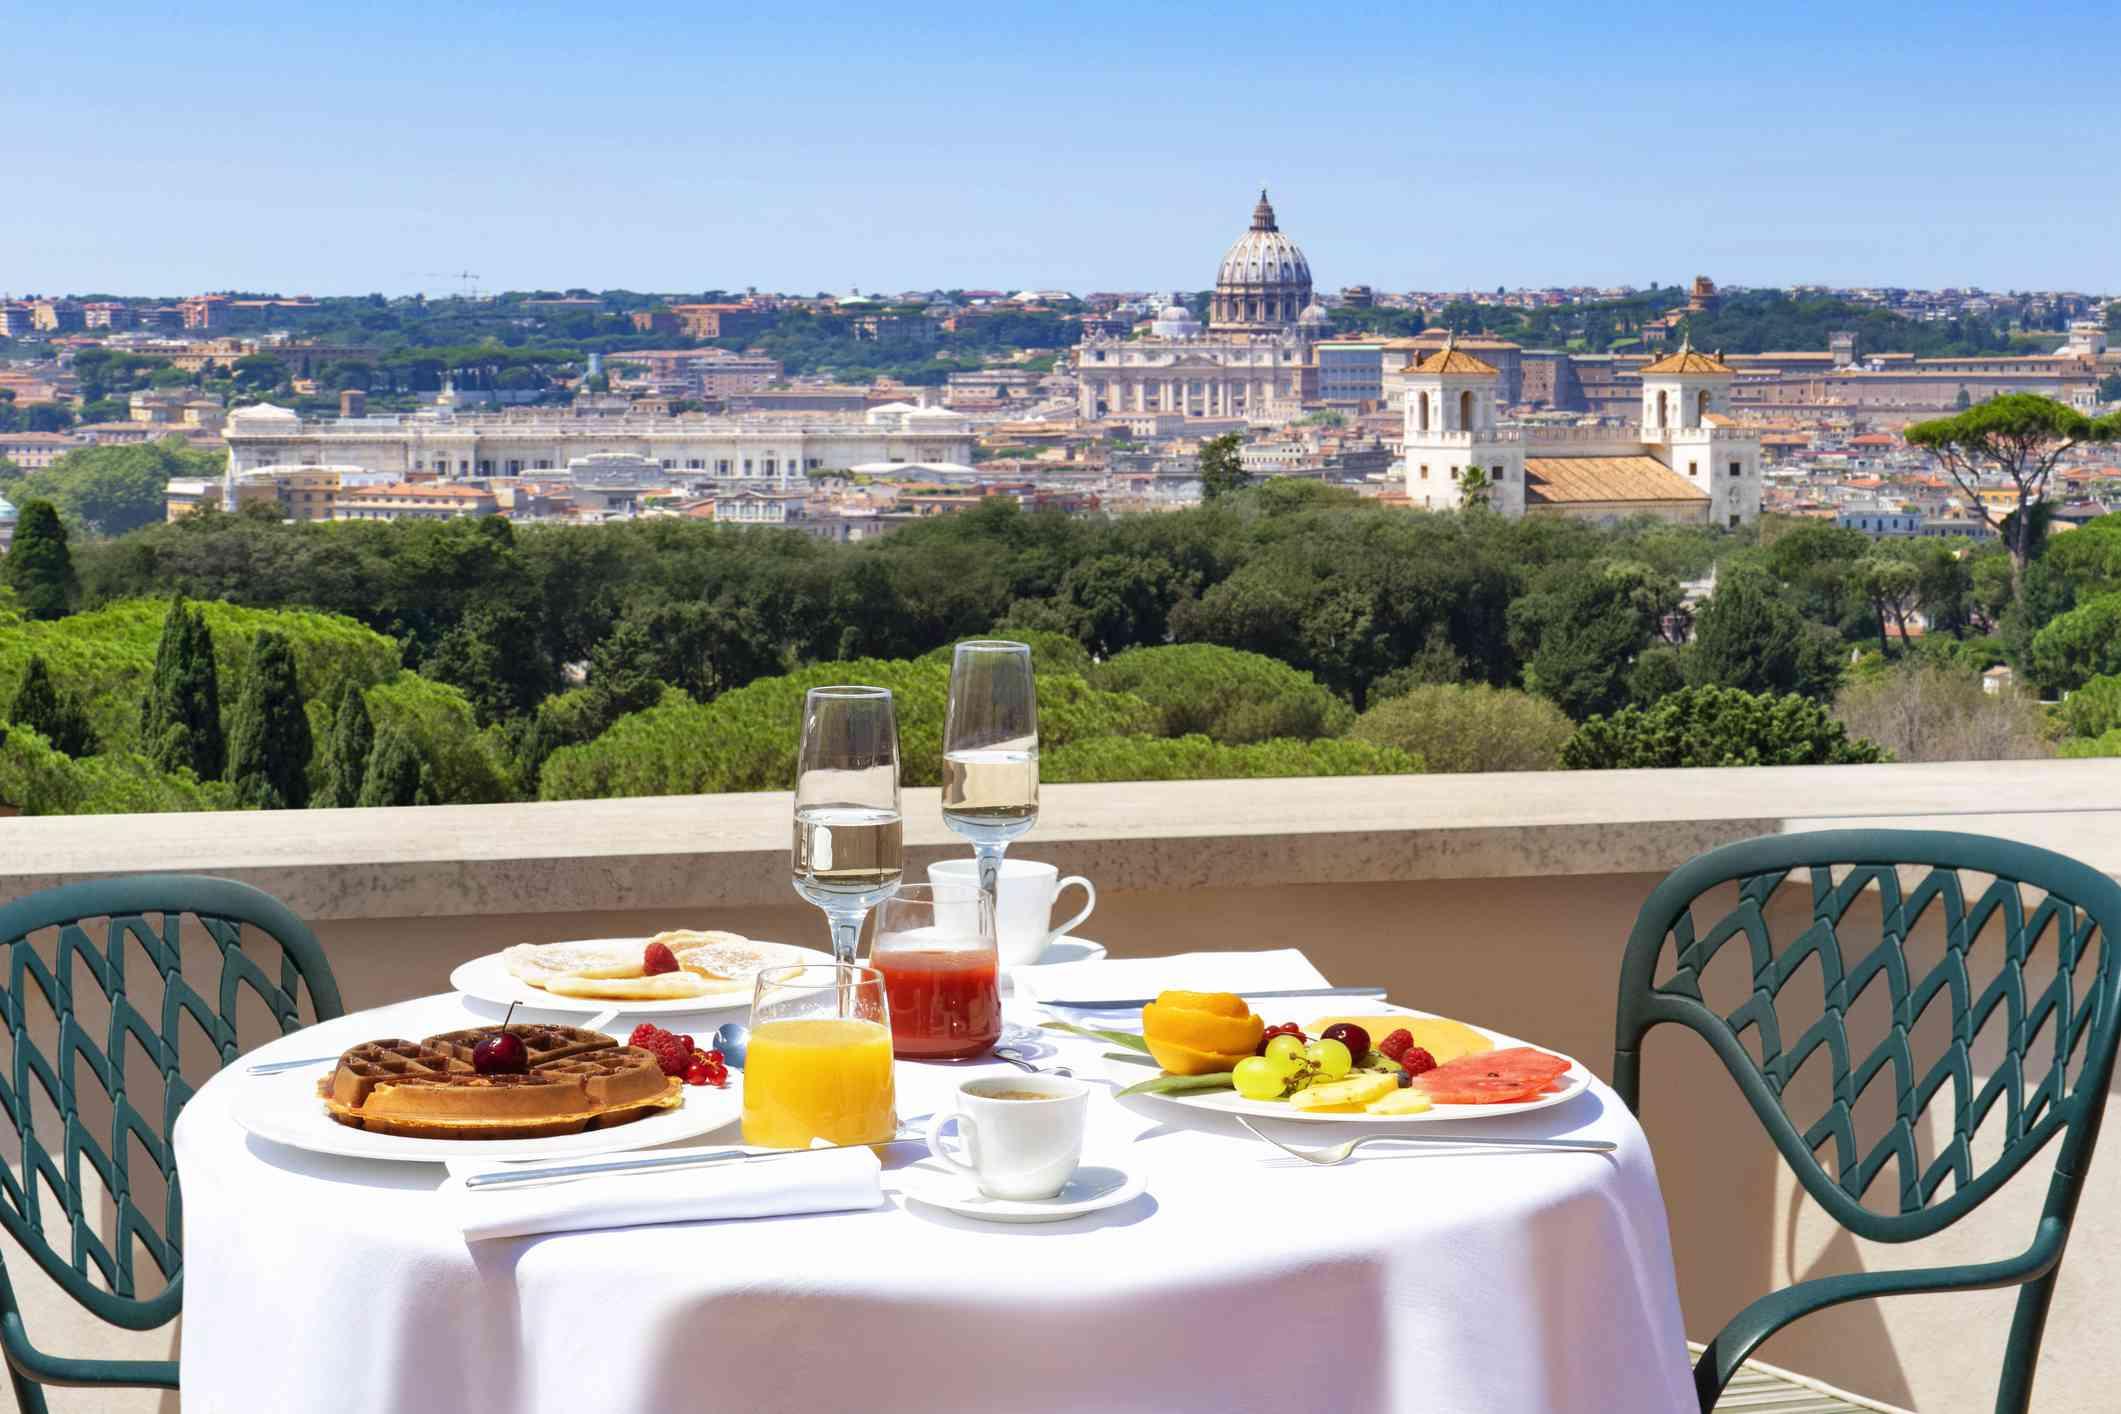 Breakfast in Rome